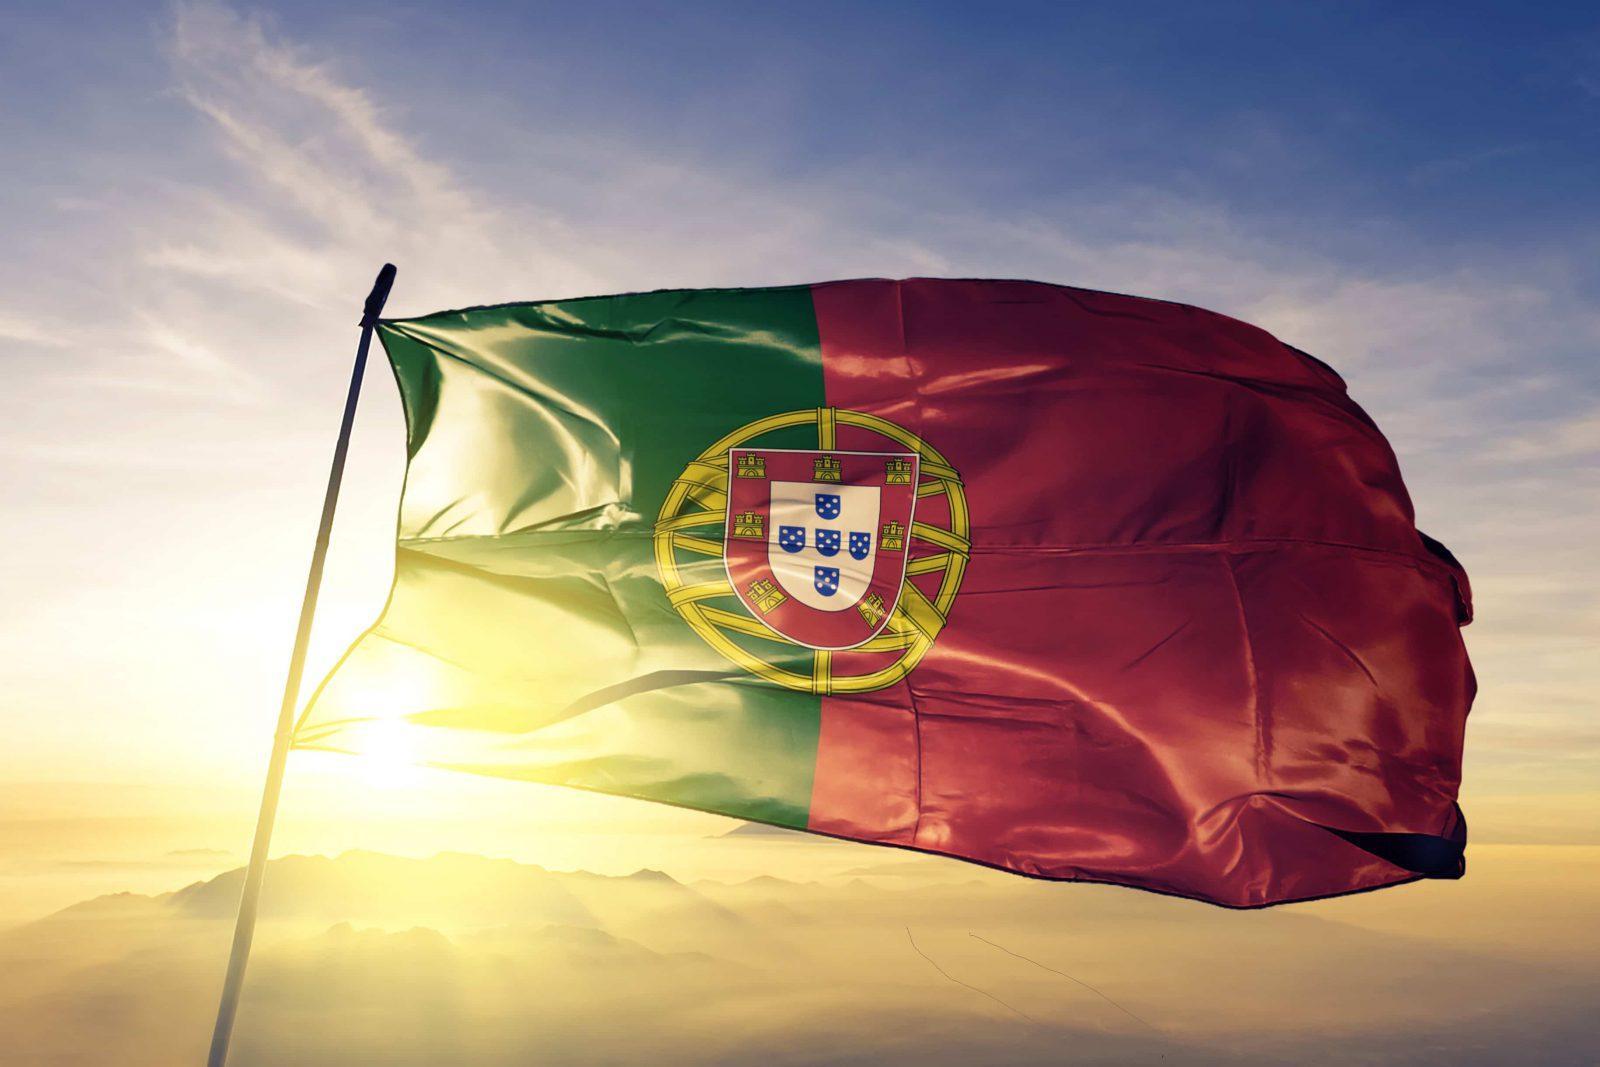 קשיים אפשריים בקבלת אזרחות פורטוגלית